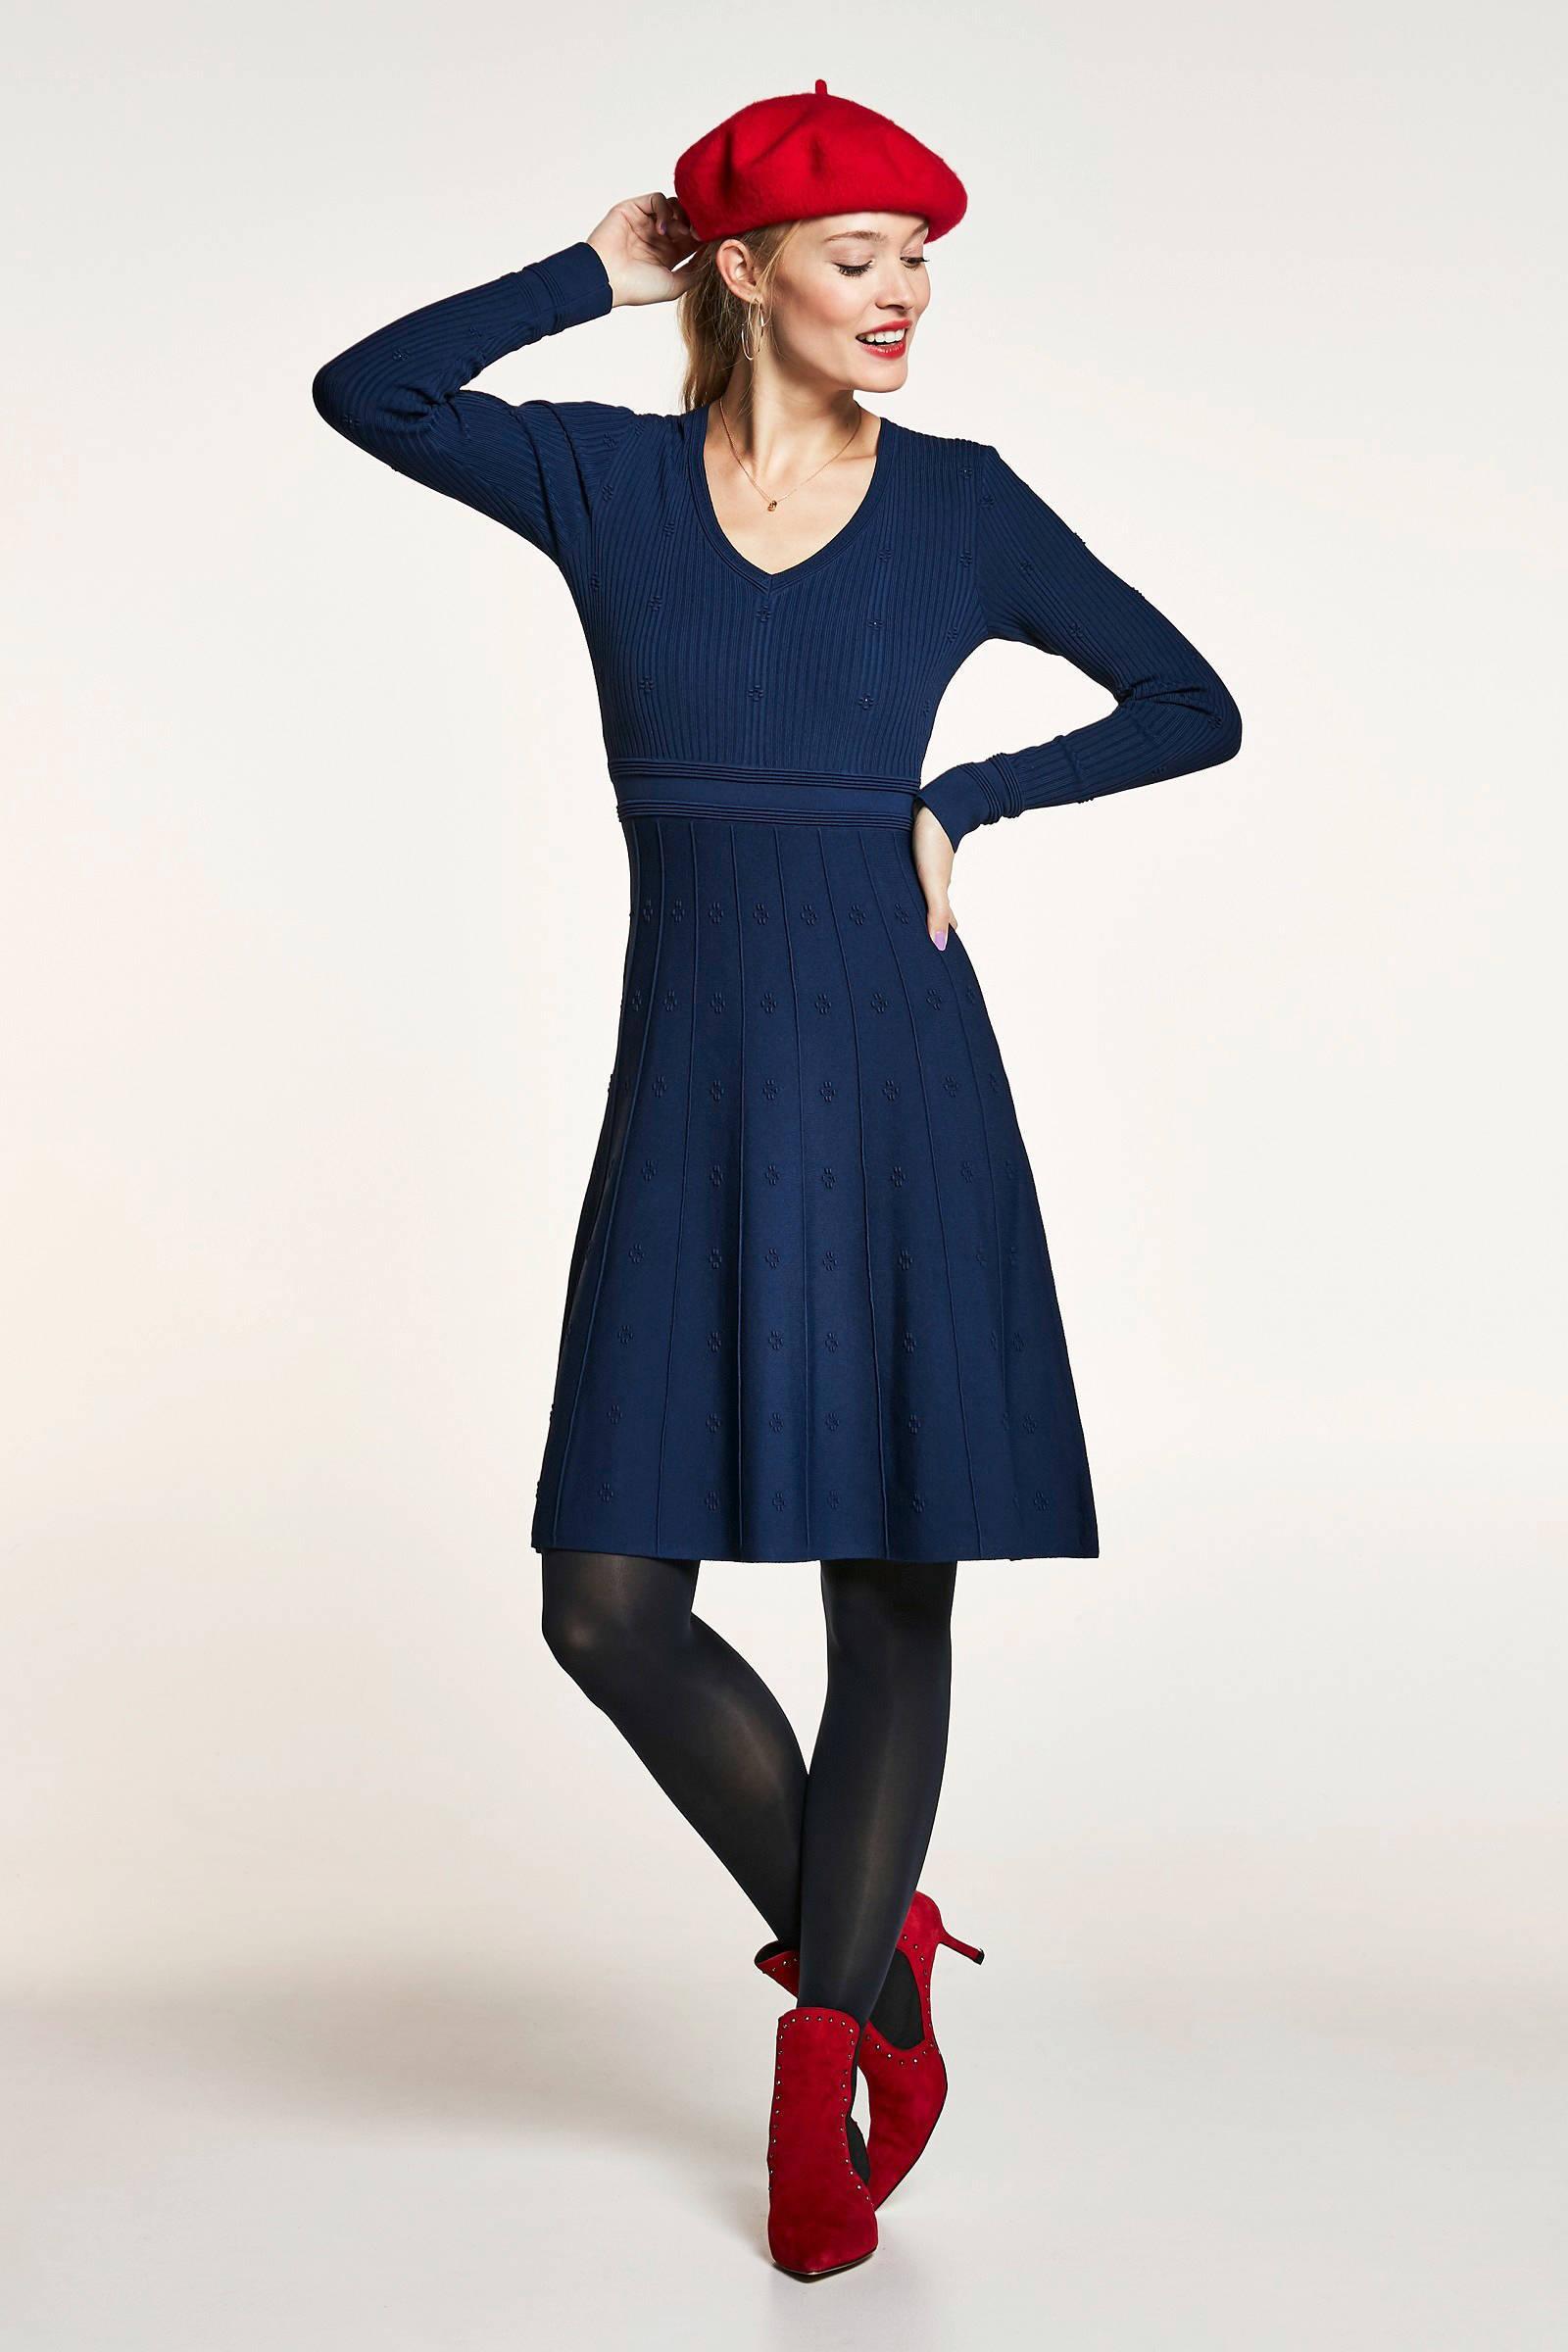 blauw blauw Steps Steps Steps jurk jurk Ewp1wq